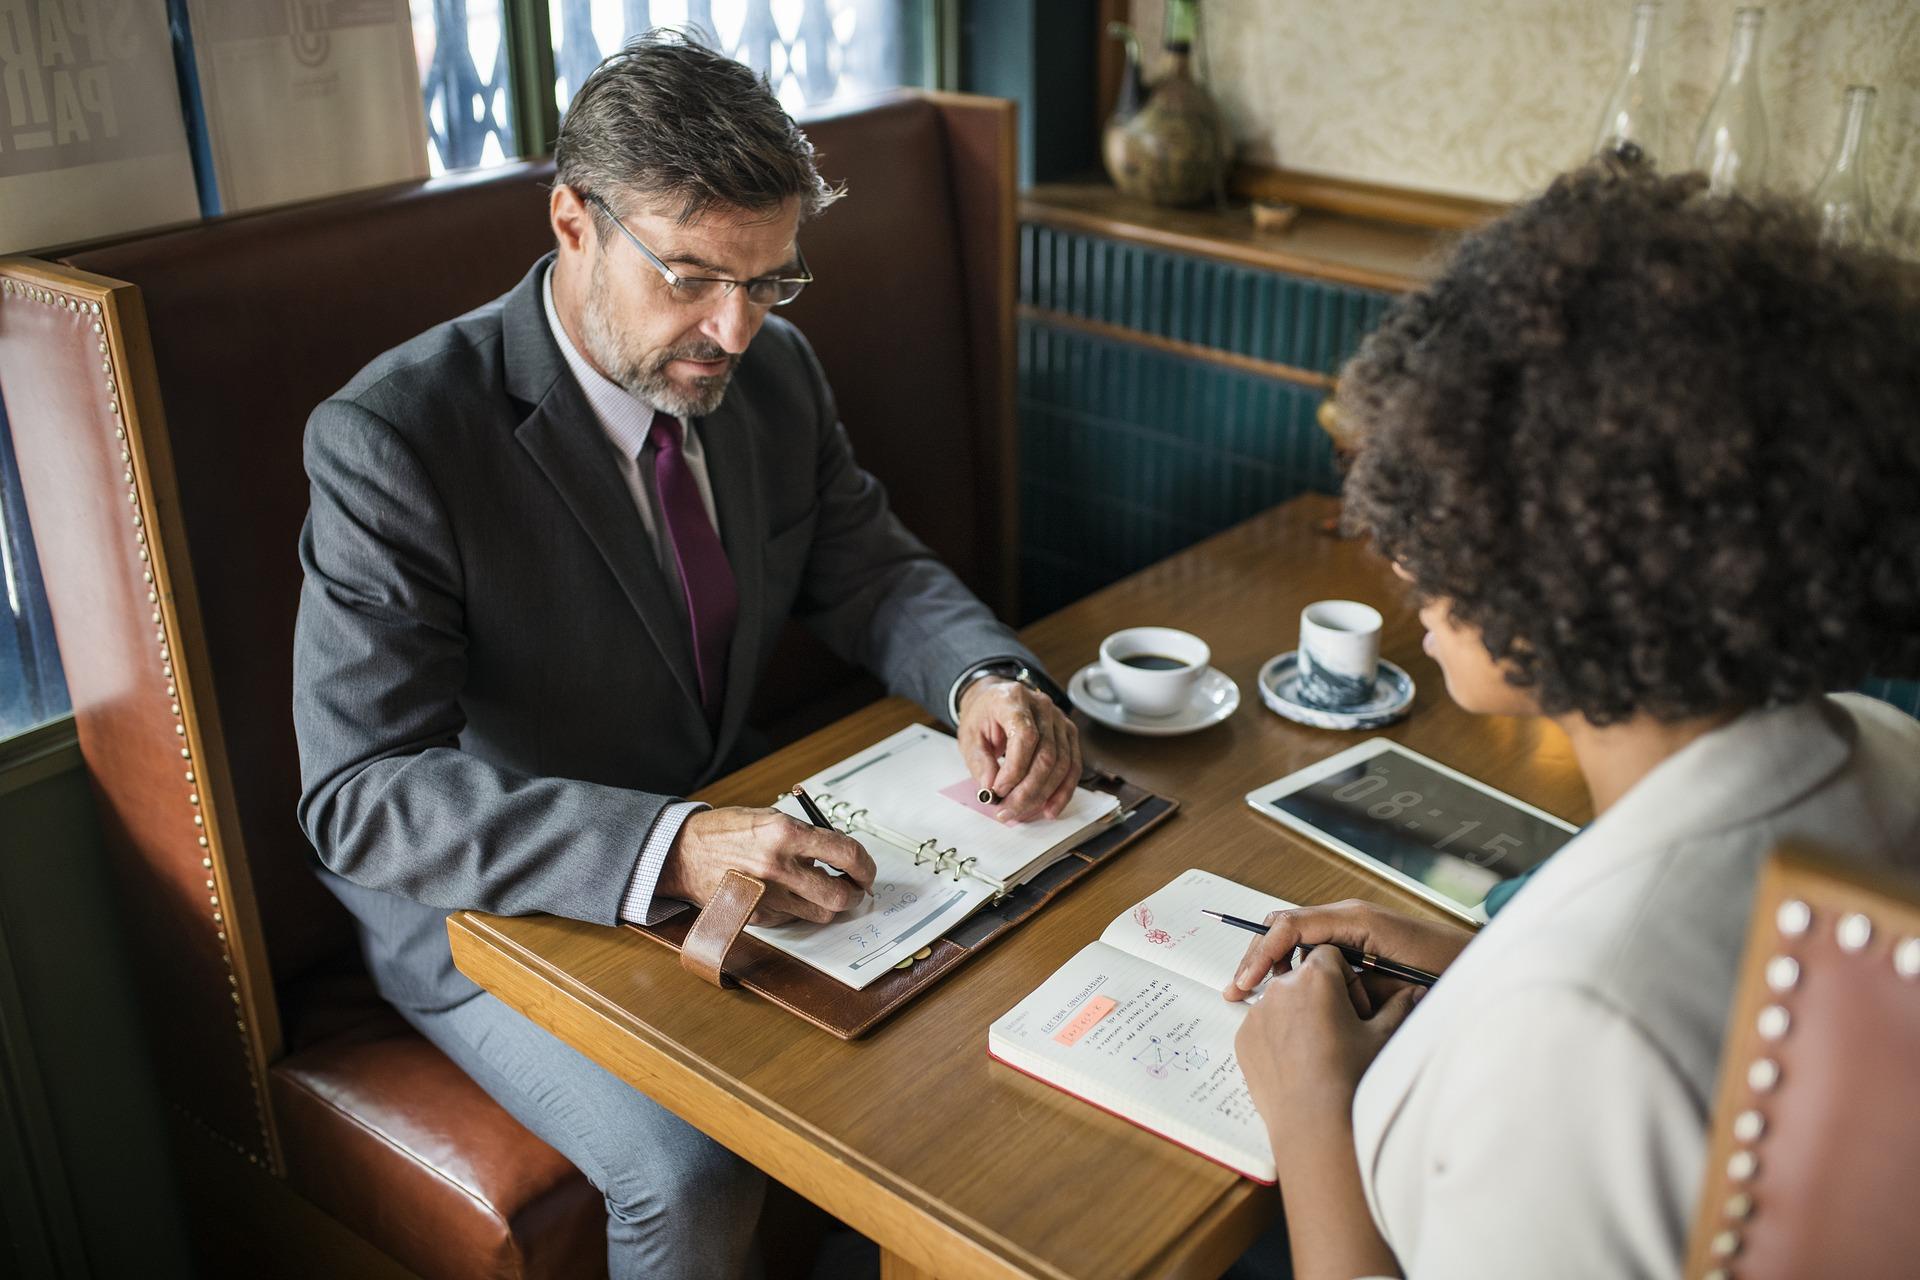 Tips mbt inclusieve W&S  Waarom speeddate gesprekken niet werken